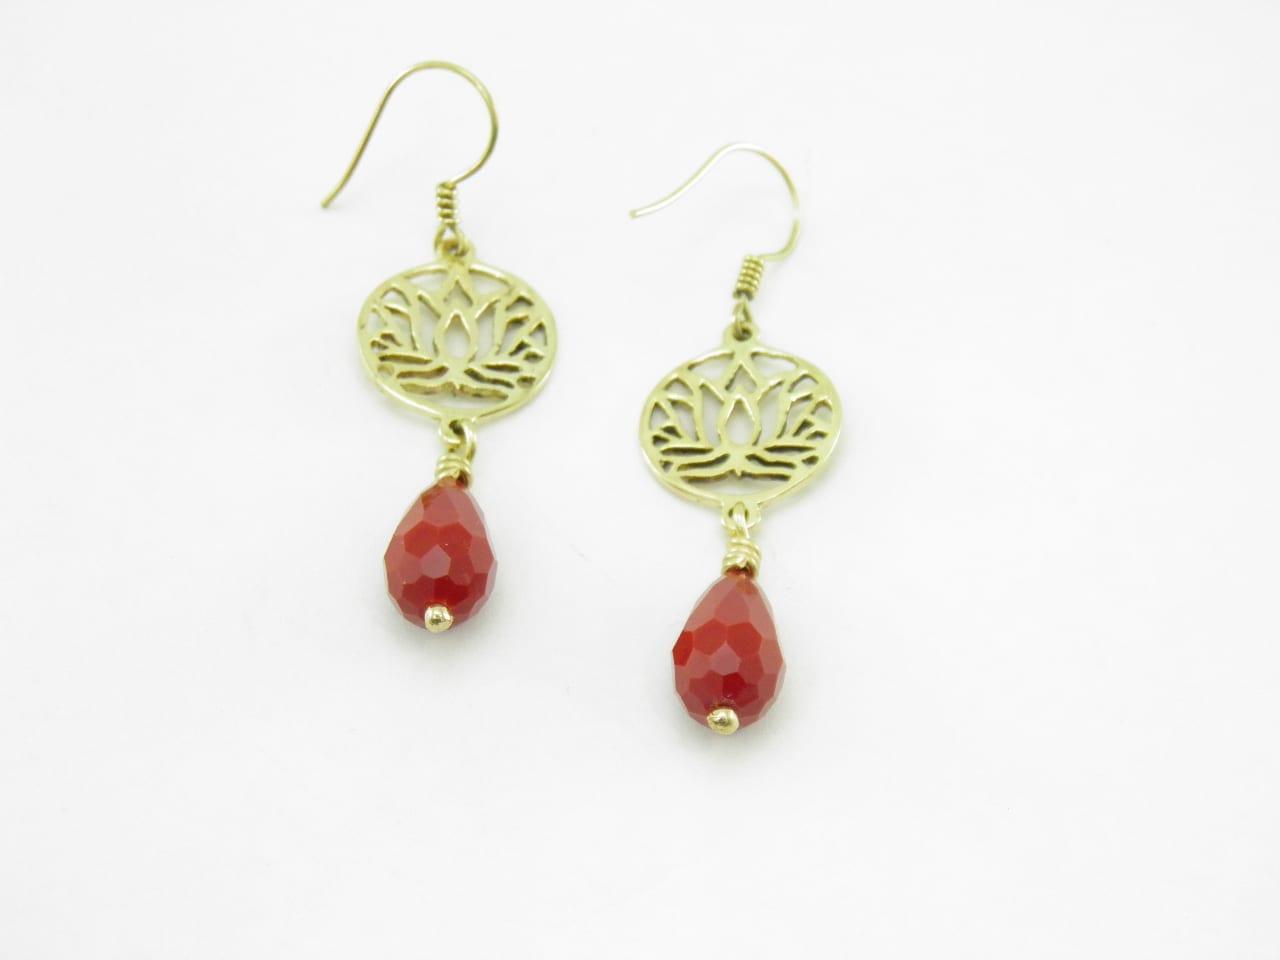 Les Boucles d'oreilles - Lotus et pierre - laiton recyclé - Rouge